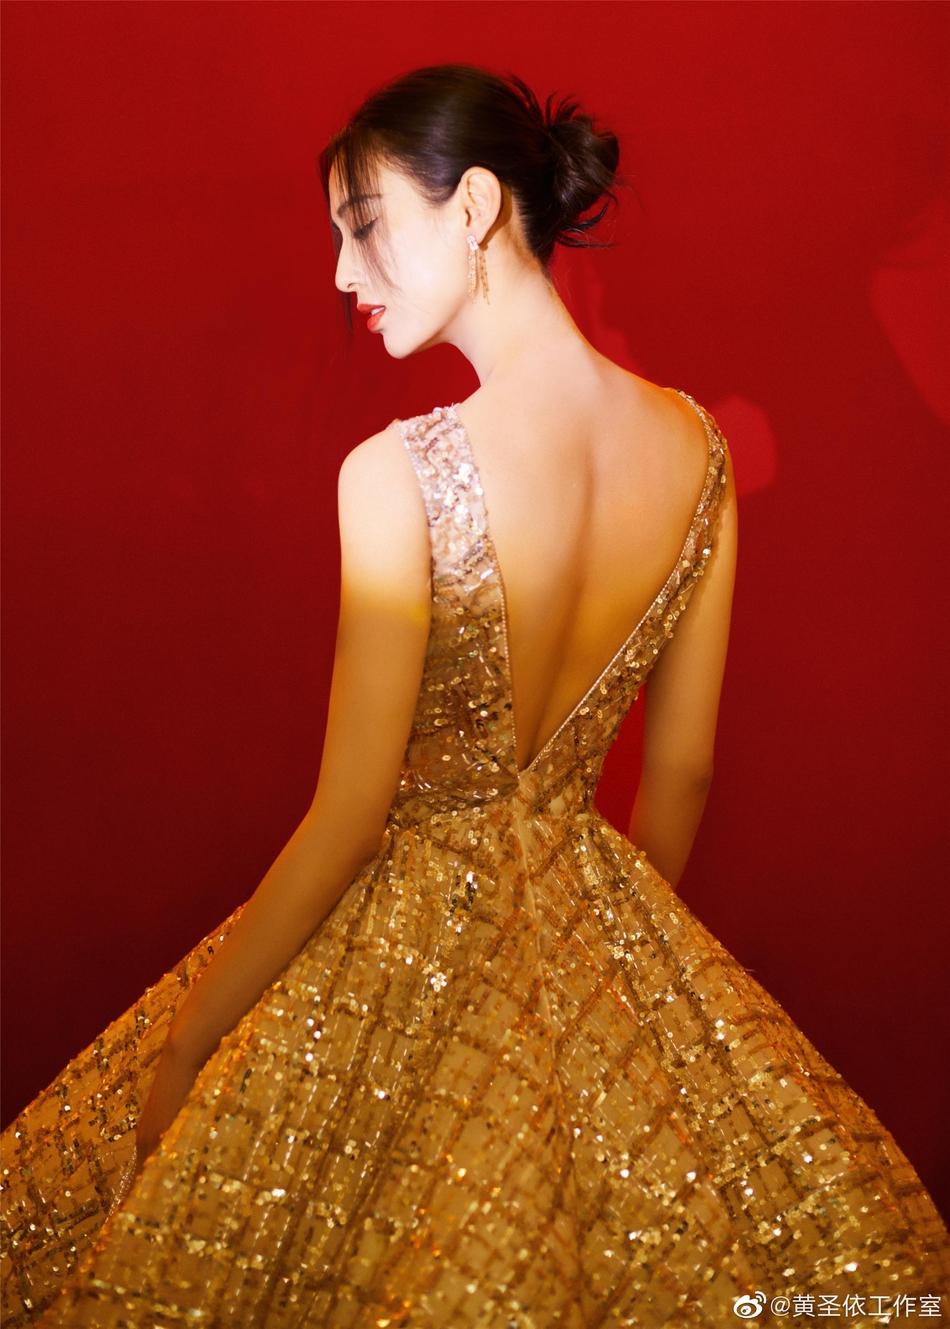 黄圣依穿星光礼裙尽显典雅之姿 深V露背肩颈线绝美